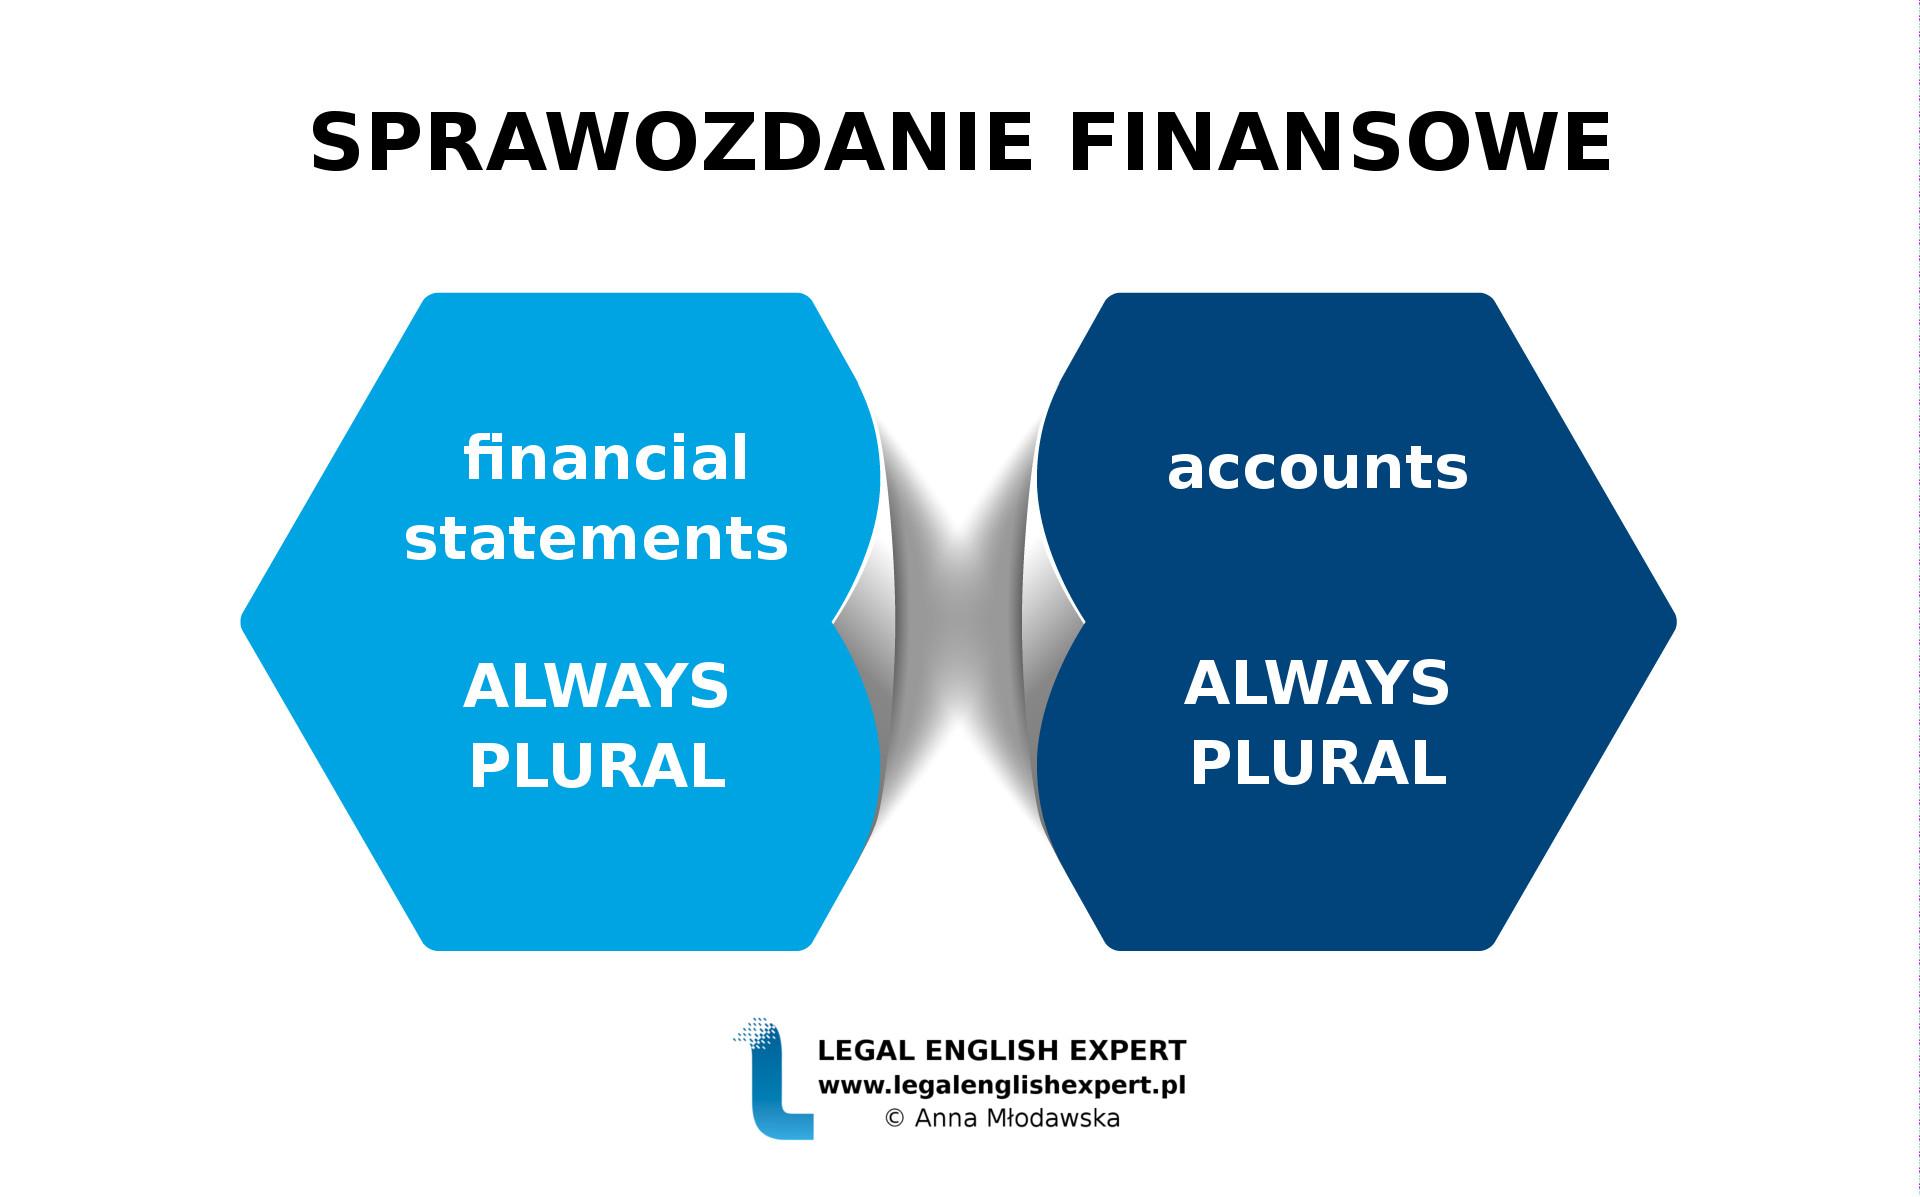 LEGAL ENGLISH EXPERT - infografika_70 - SPRAWOZDANIE FINANSOWE 1